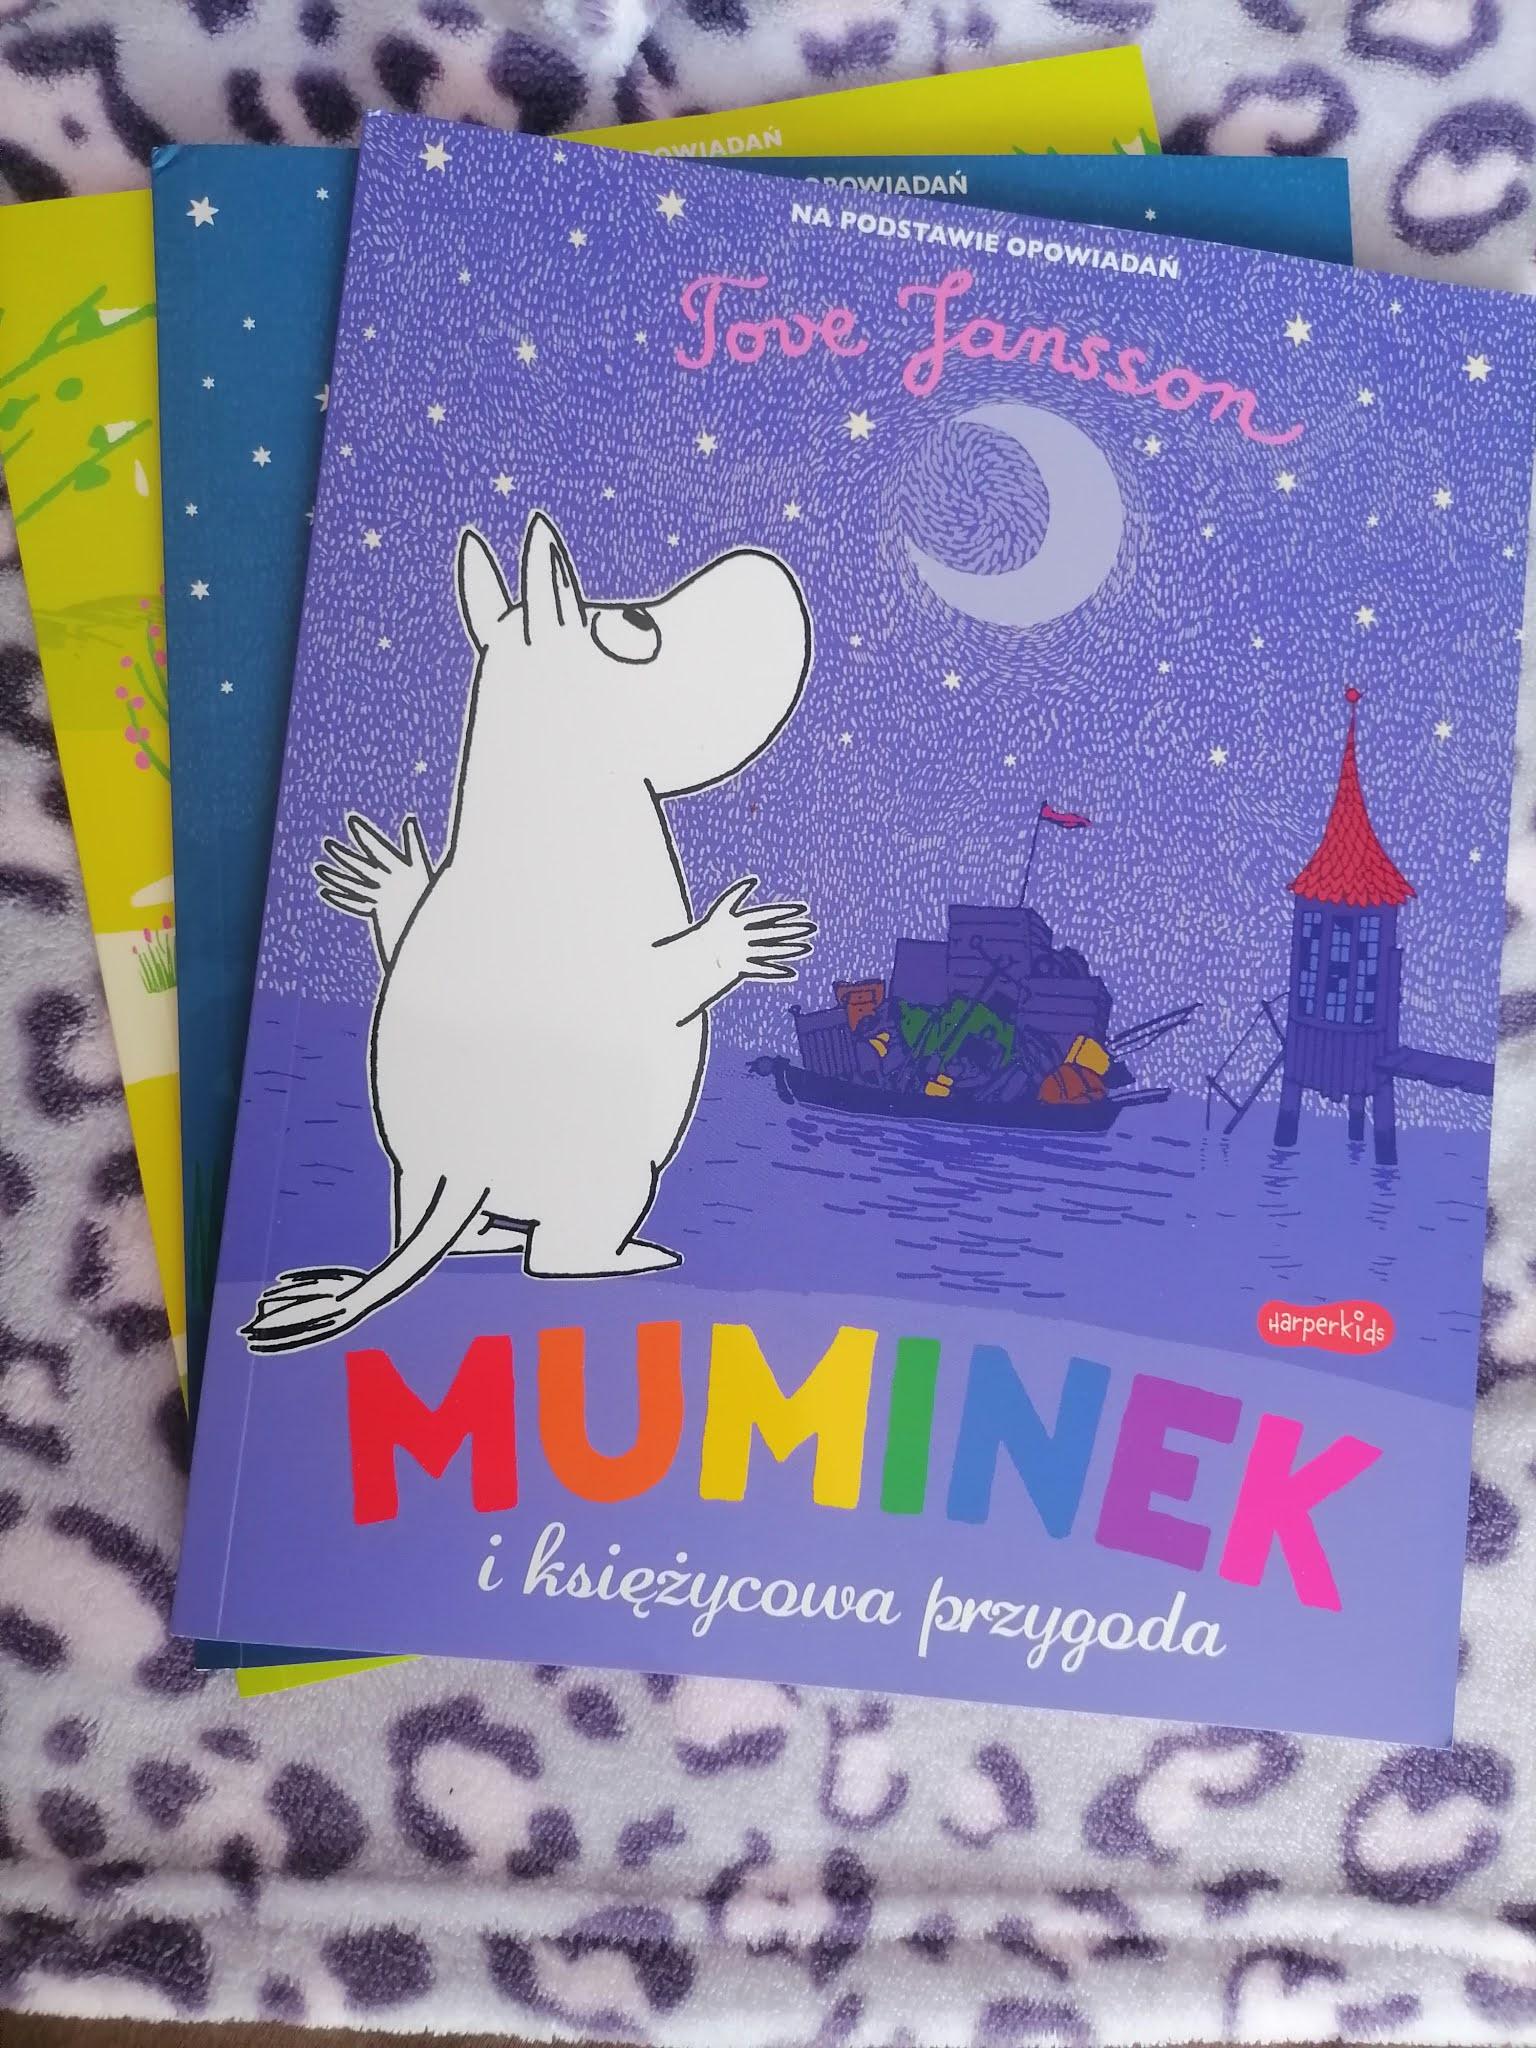 Wspaniałe przygody Muminka w Opowiadaniach z Doliny Muminków. Nasza recenzja.